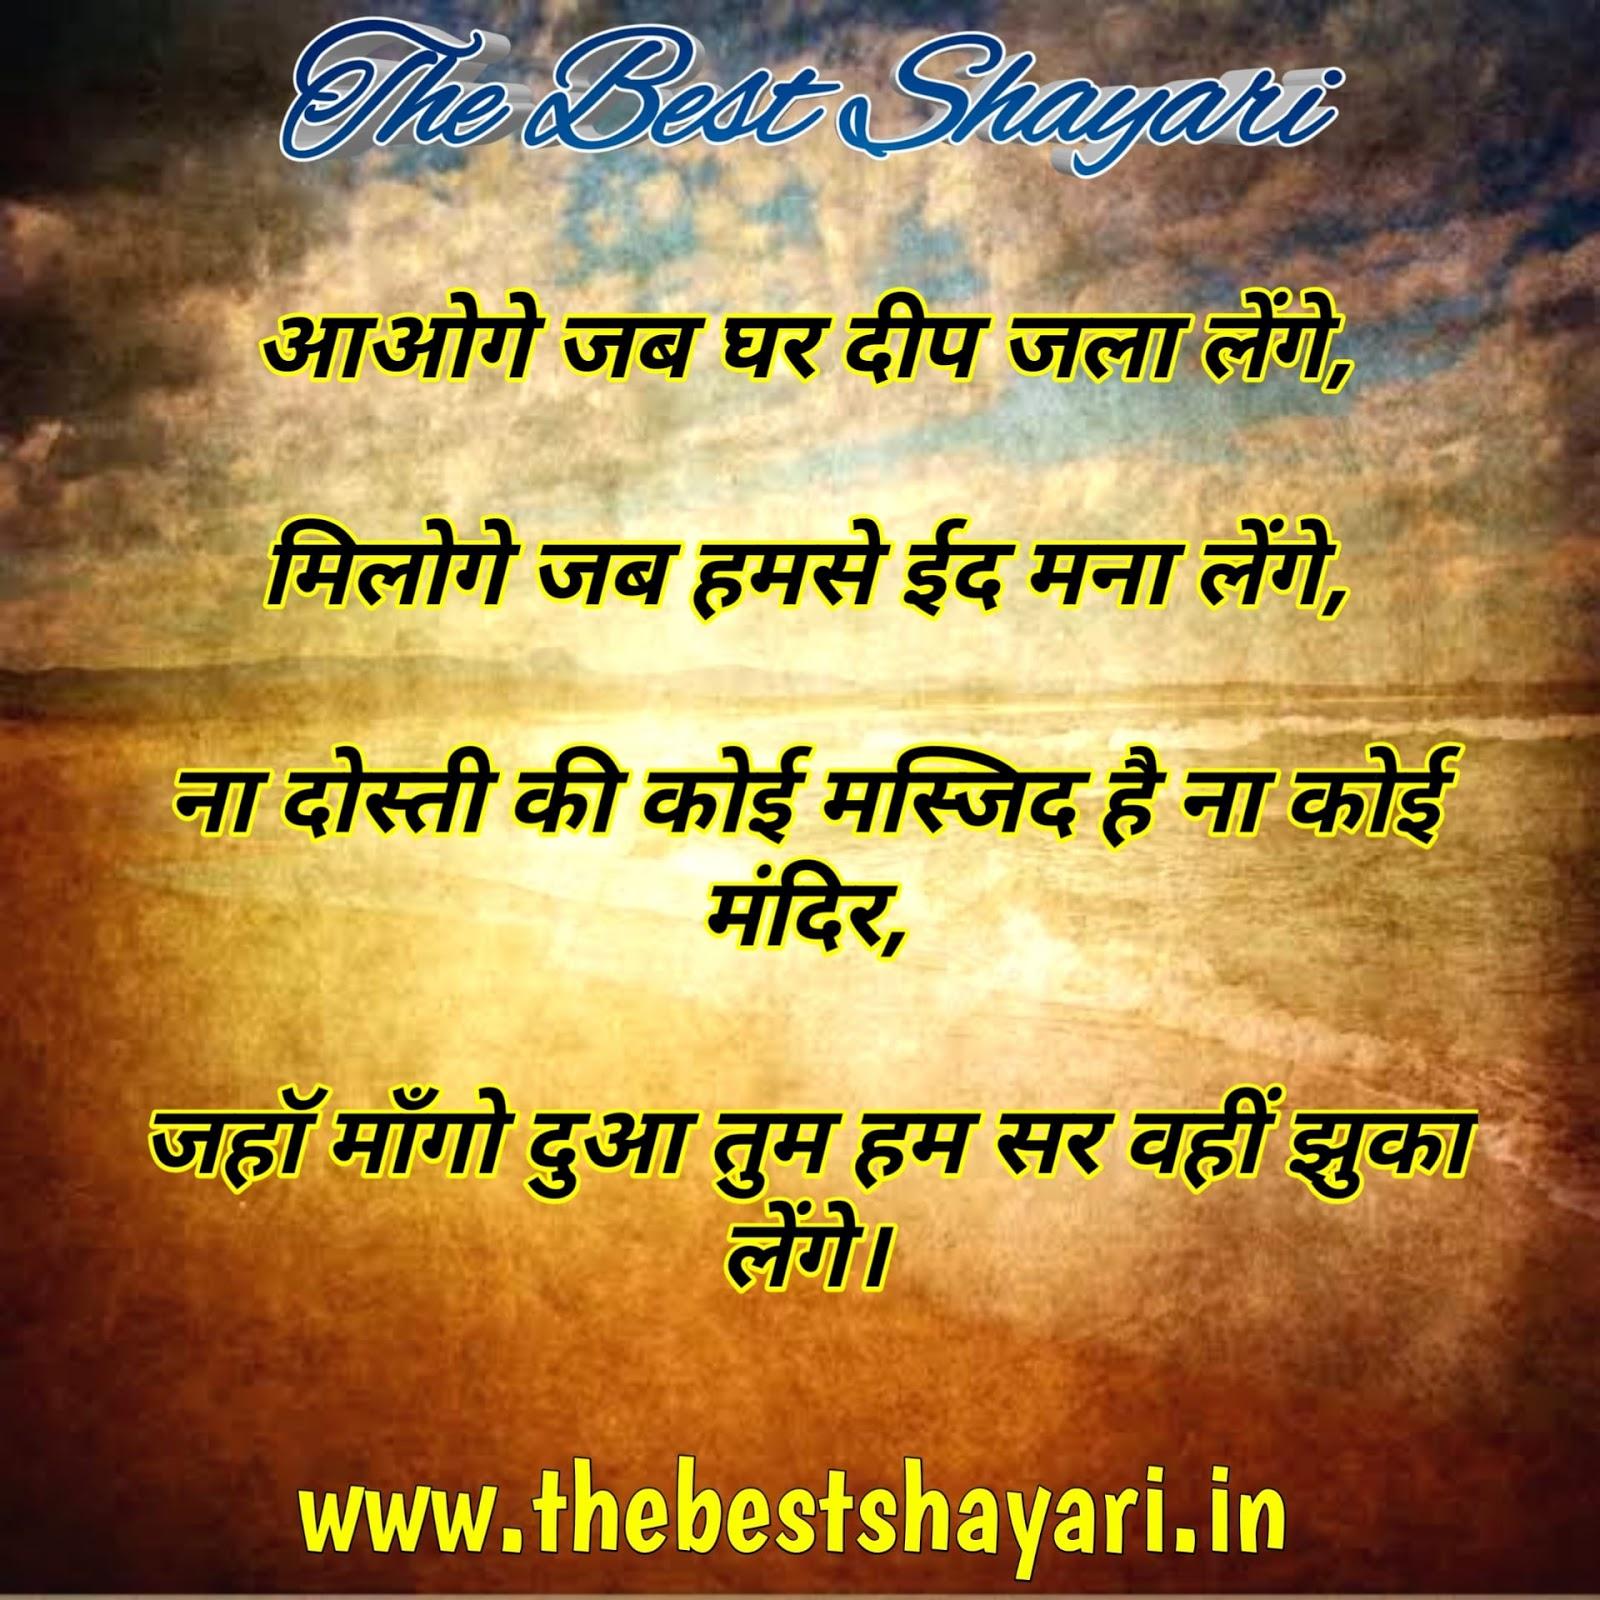 Best Hindi Friendship Shayari, Quotes, Images, Wallpaper